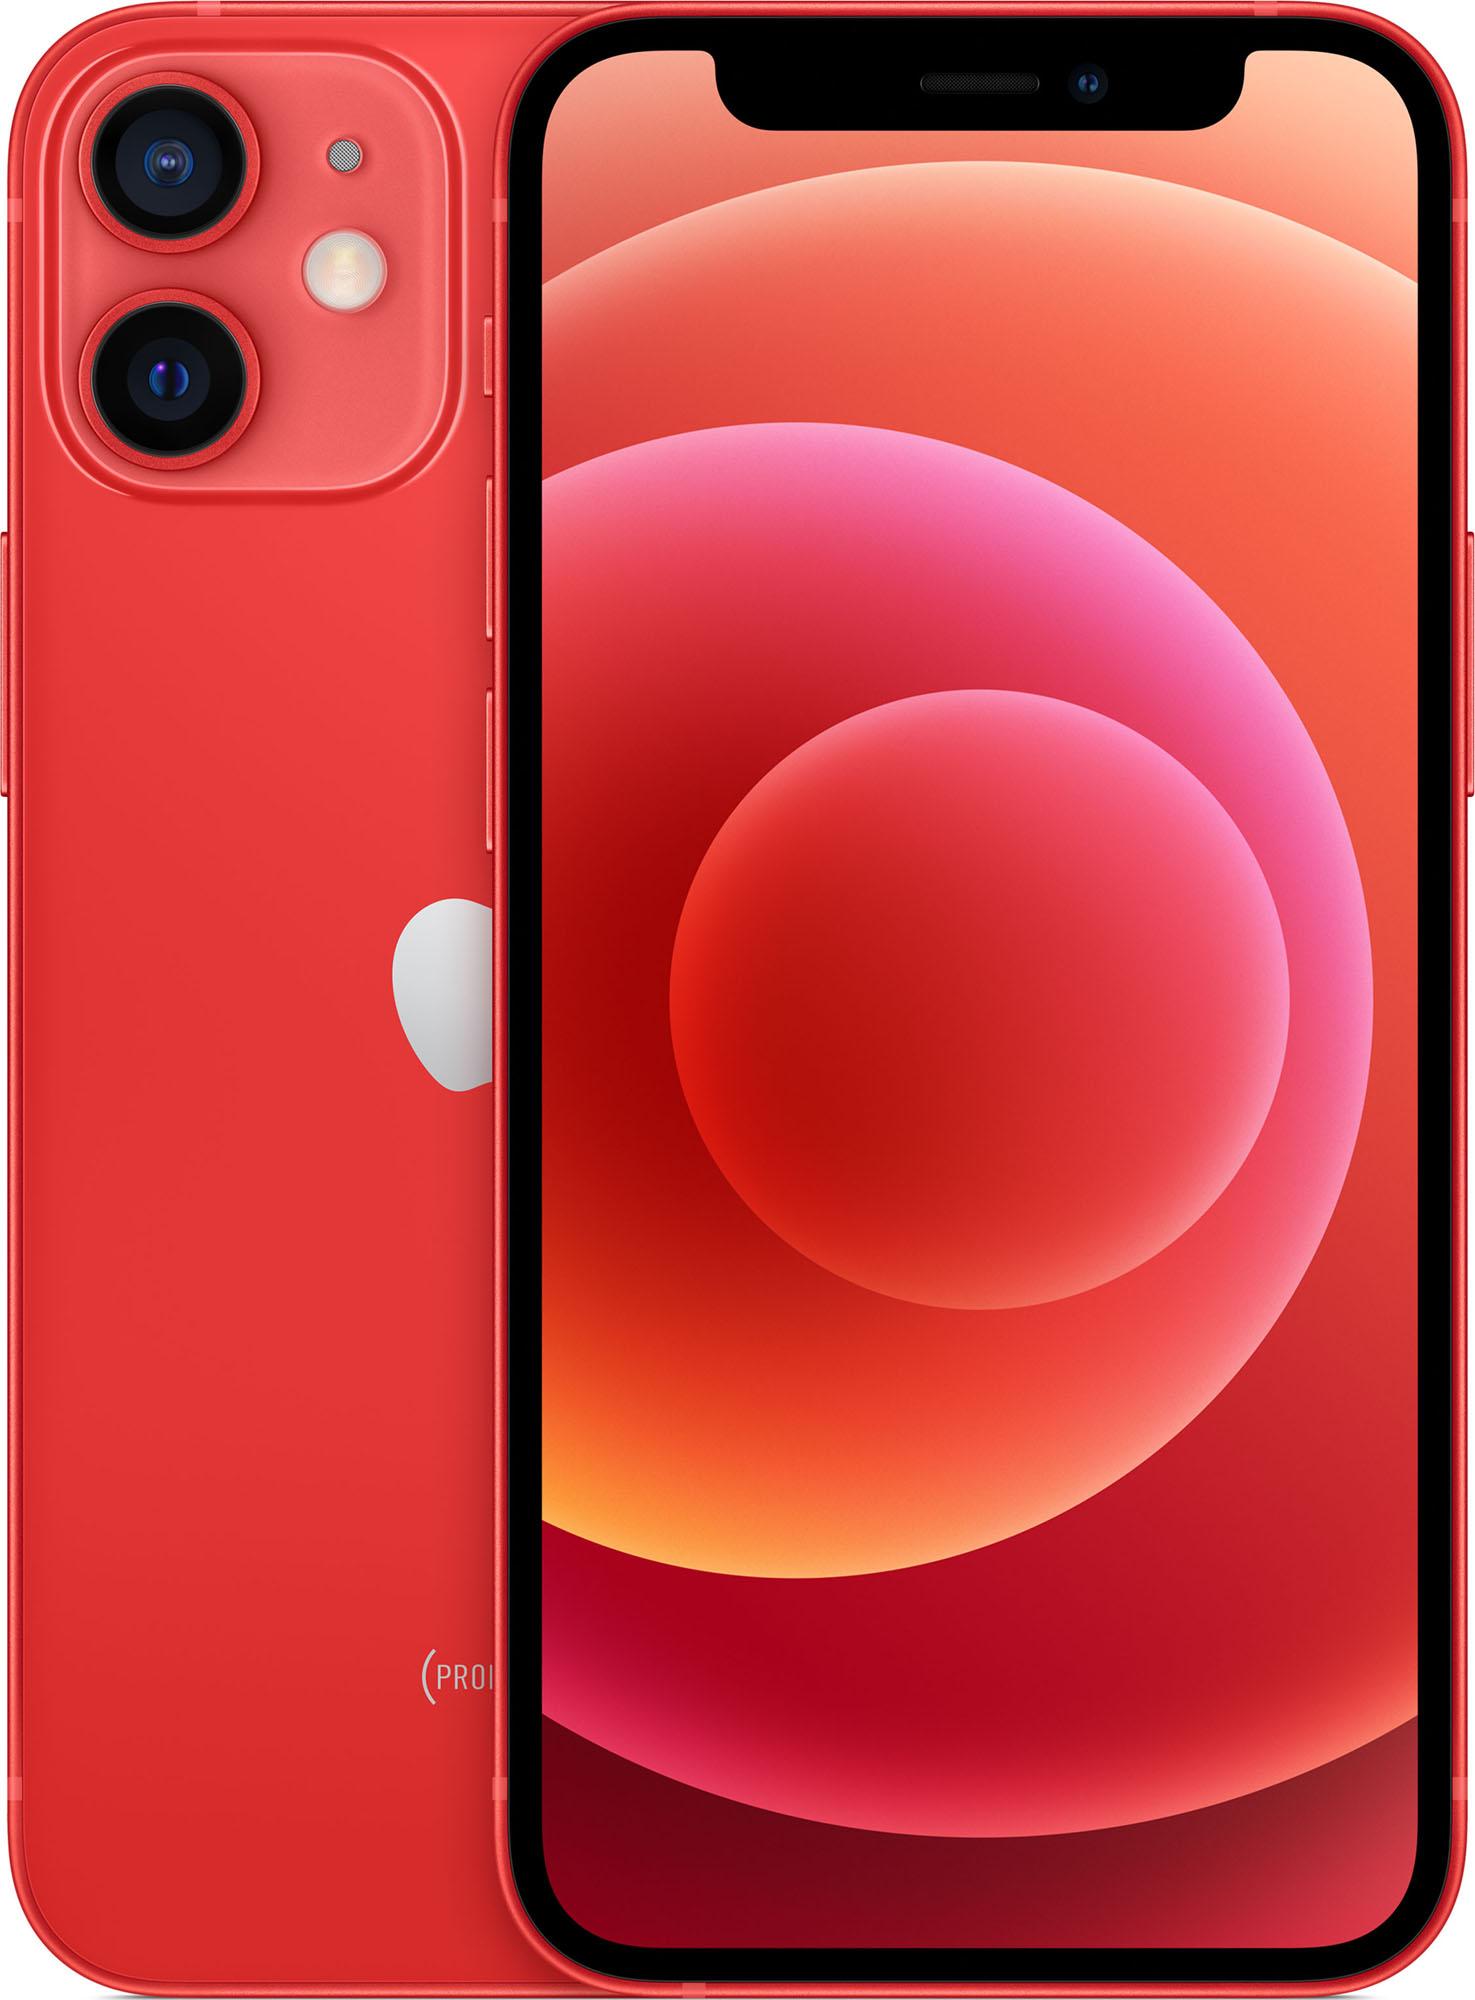 iPhone 12 mini 256GB Red - 1